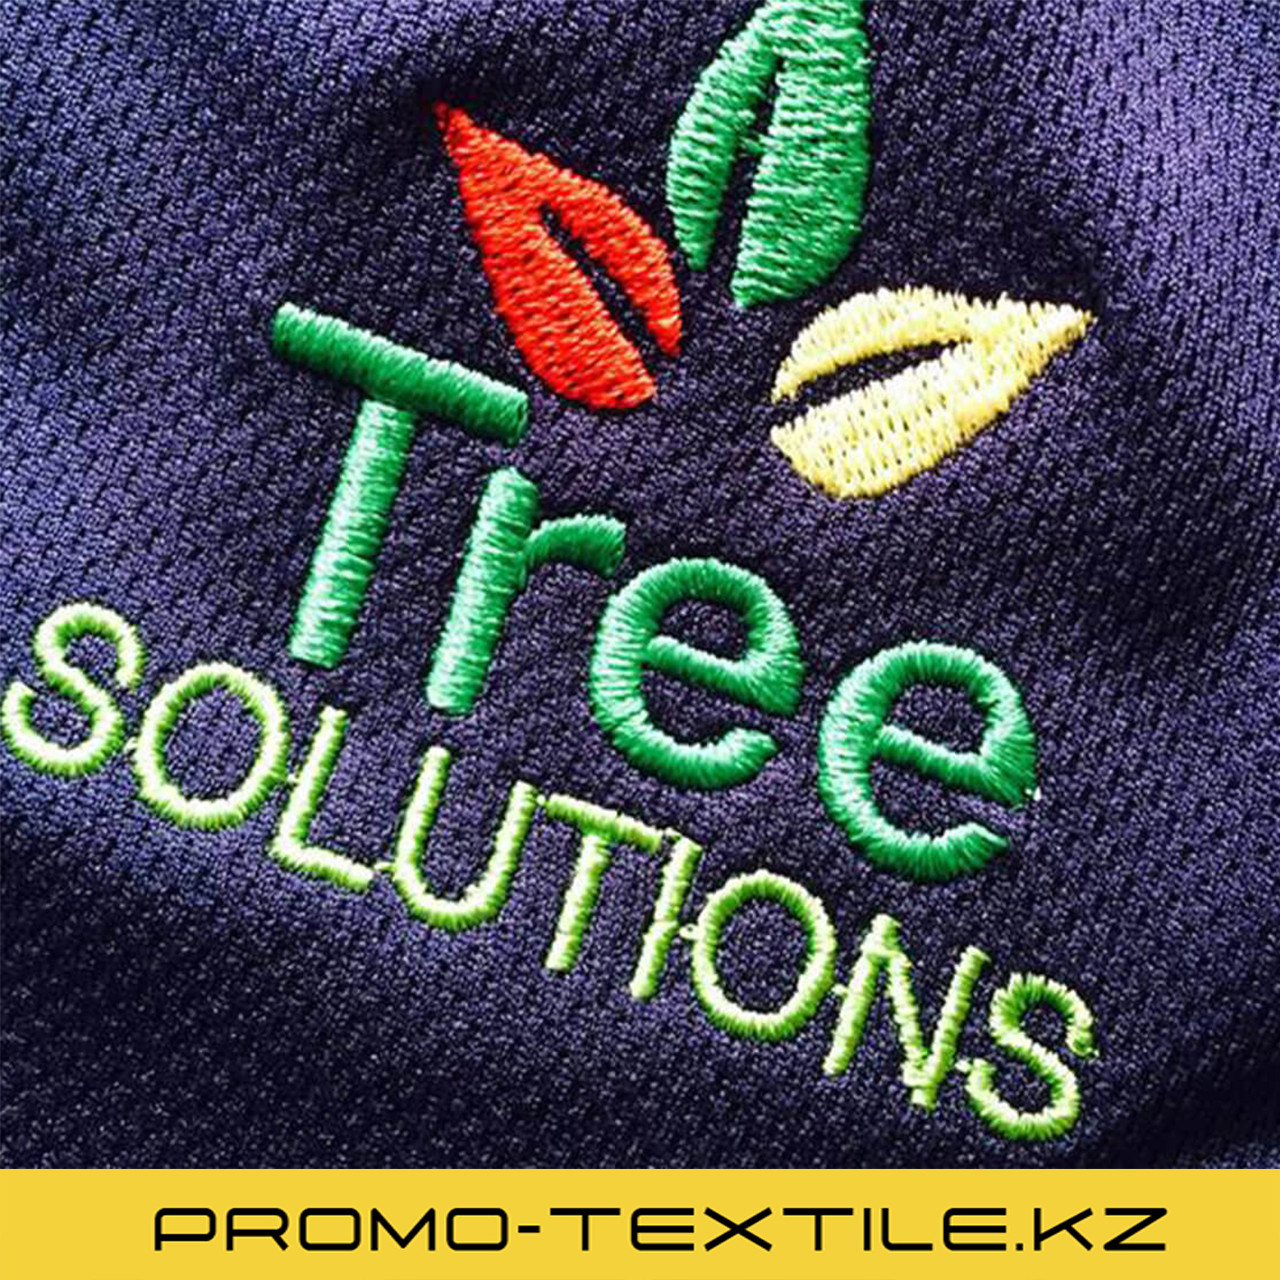 Вышивка логотипа на одежде  Машинная вышивка   Шевроны под заказ